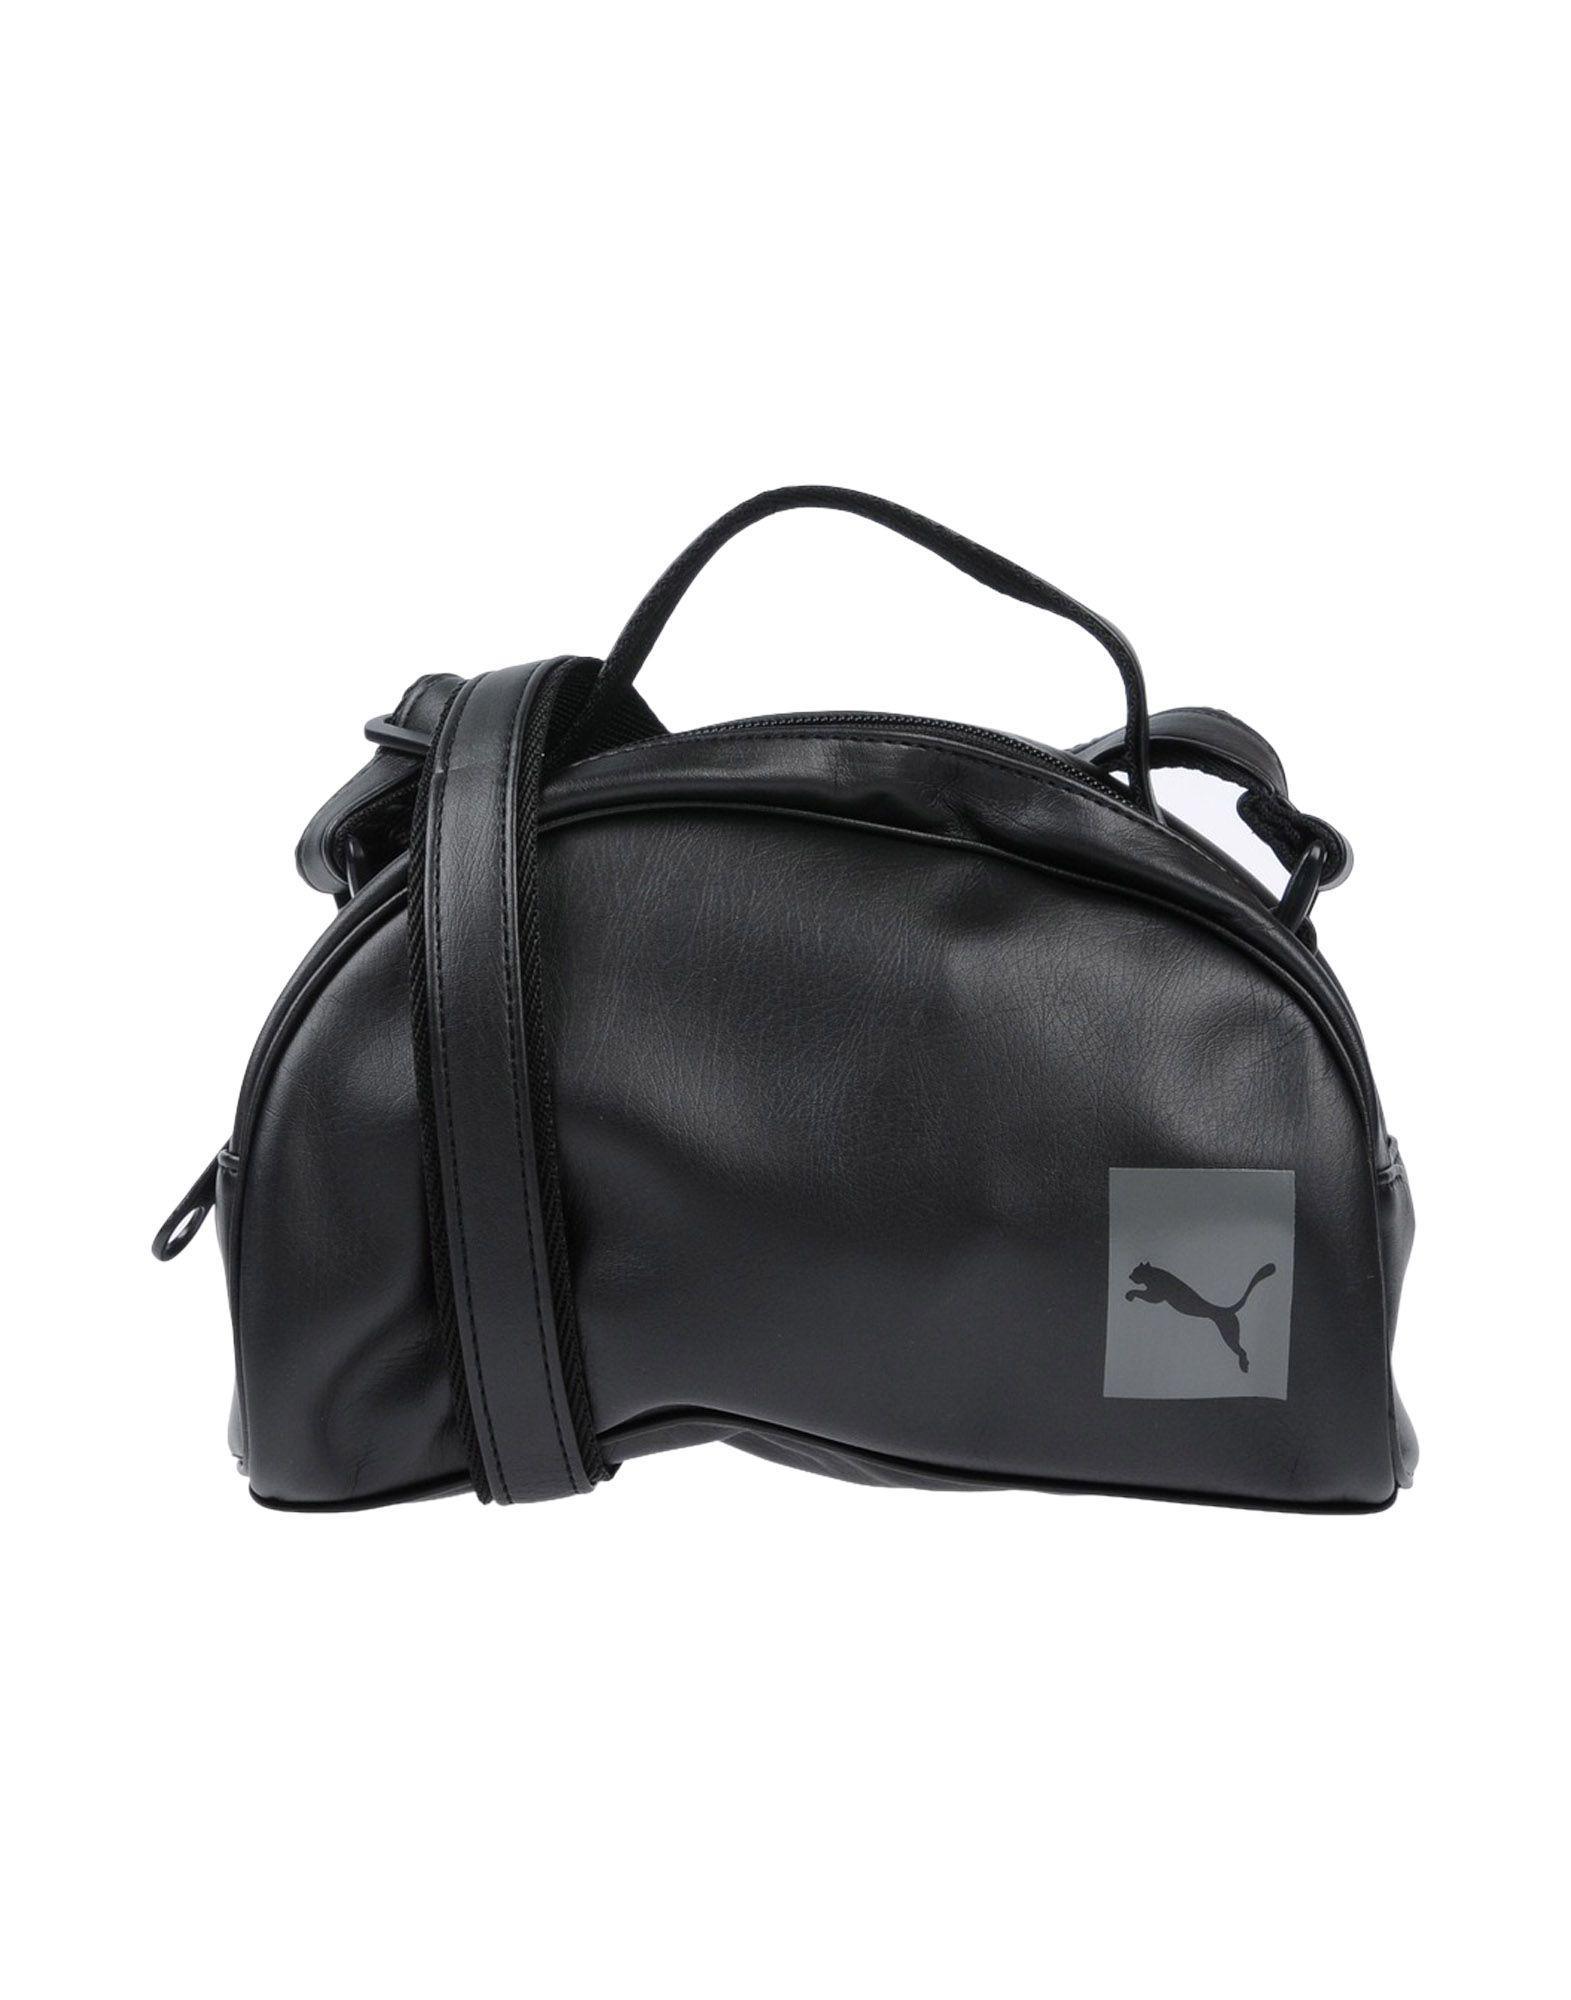 a9fc605496 Lyst - Sacs Bandoulière PUMA en coloris Noir